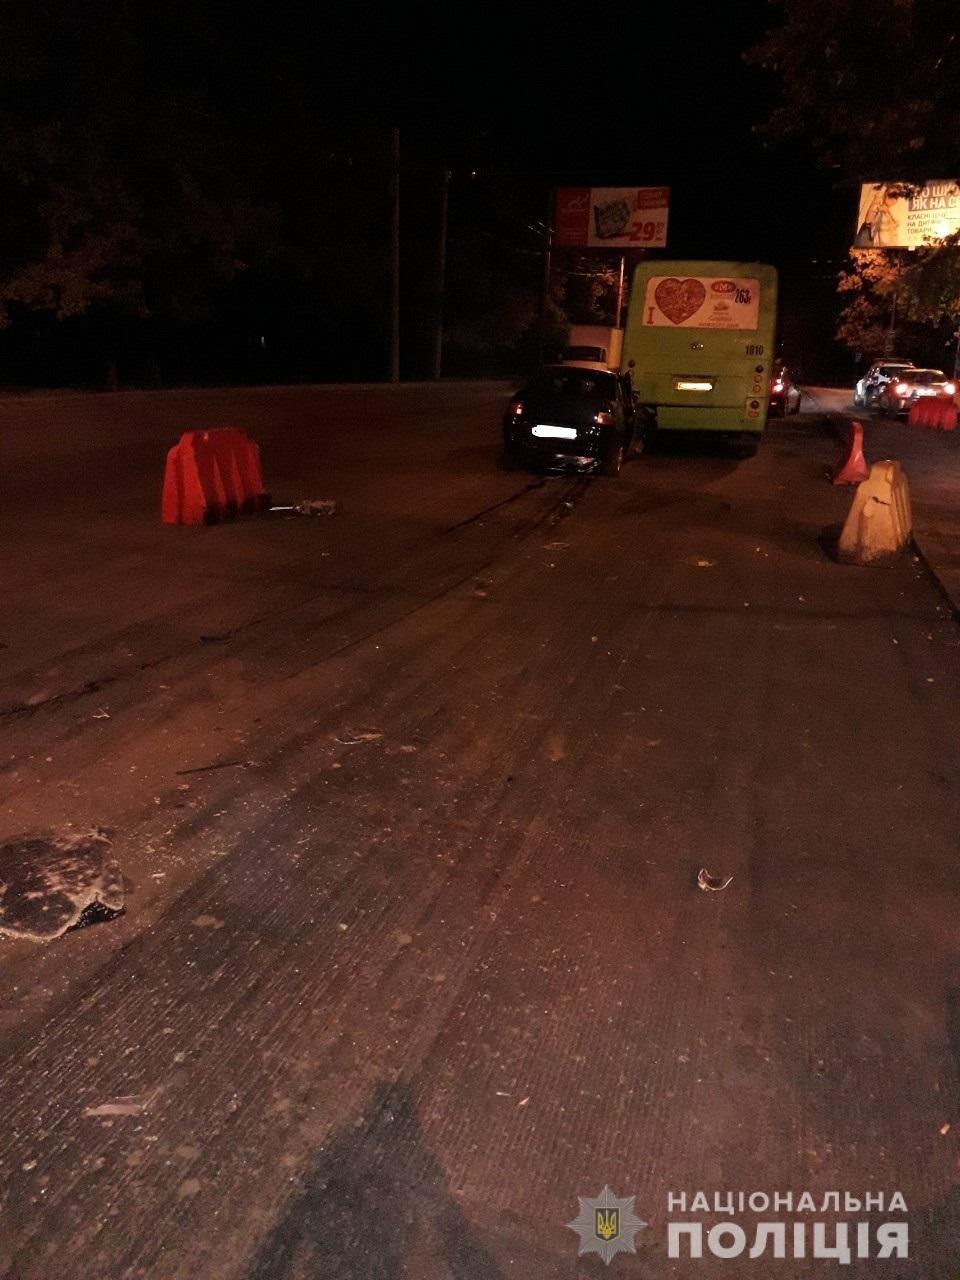 В Харькове «легковушка» на полной скорости «влетела» в автобус: пять человек пострадали, - ФОТО, ВИДЕО, фото-3